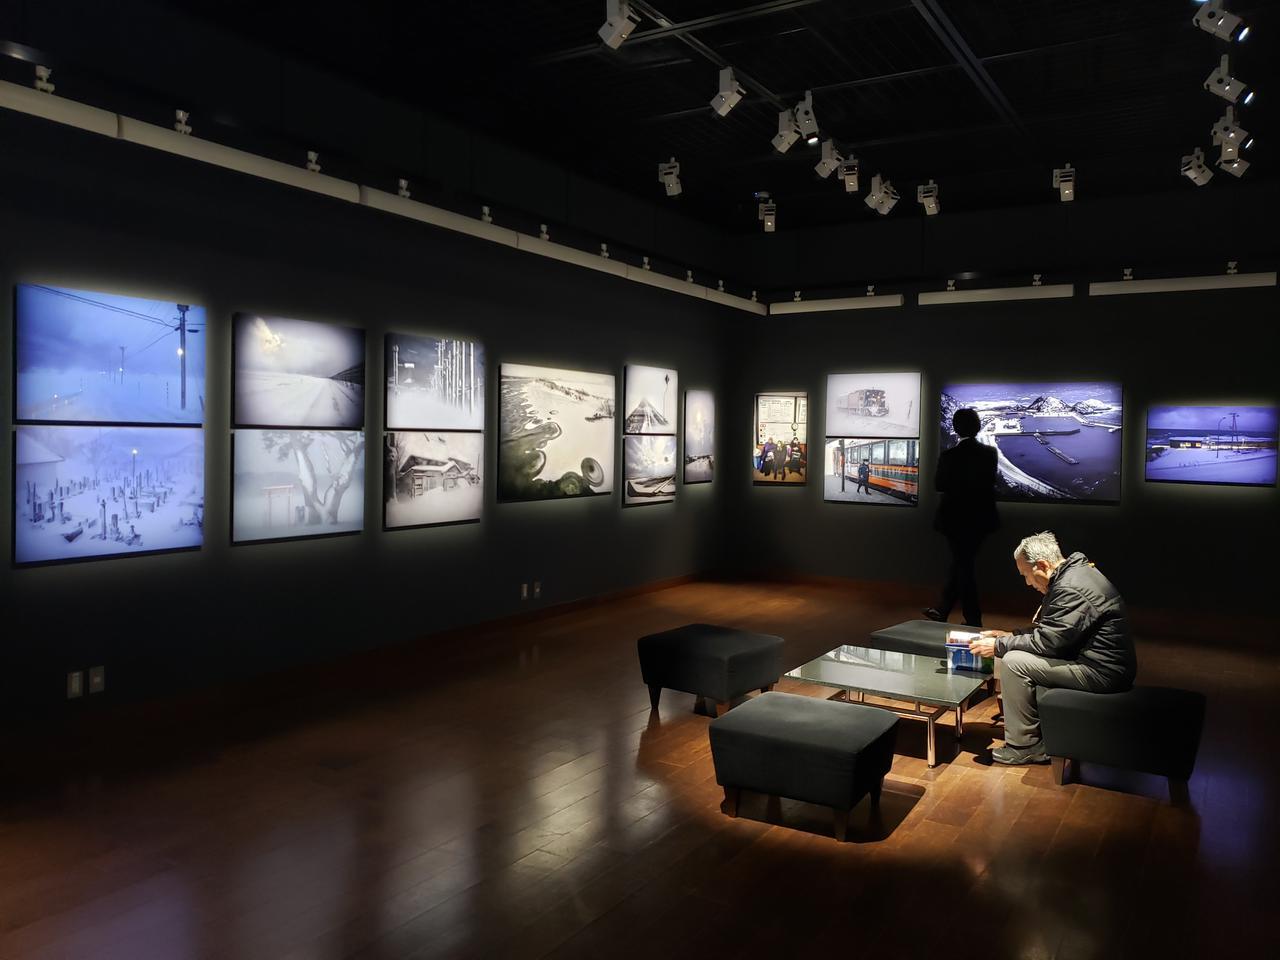 画像: 会場では、和田さんが写真家生活45年の集大成として、青森県の四季折々の限りなく素晴らしい風景を撮影し、約100万カットの中から188点を厳選したという写真集「青森はいつも美しい 美景周遊」(2017年·東奥日報社刊)も販売中です。